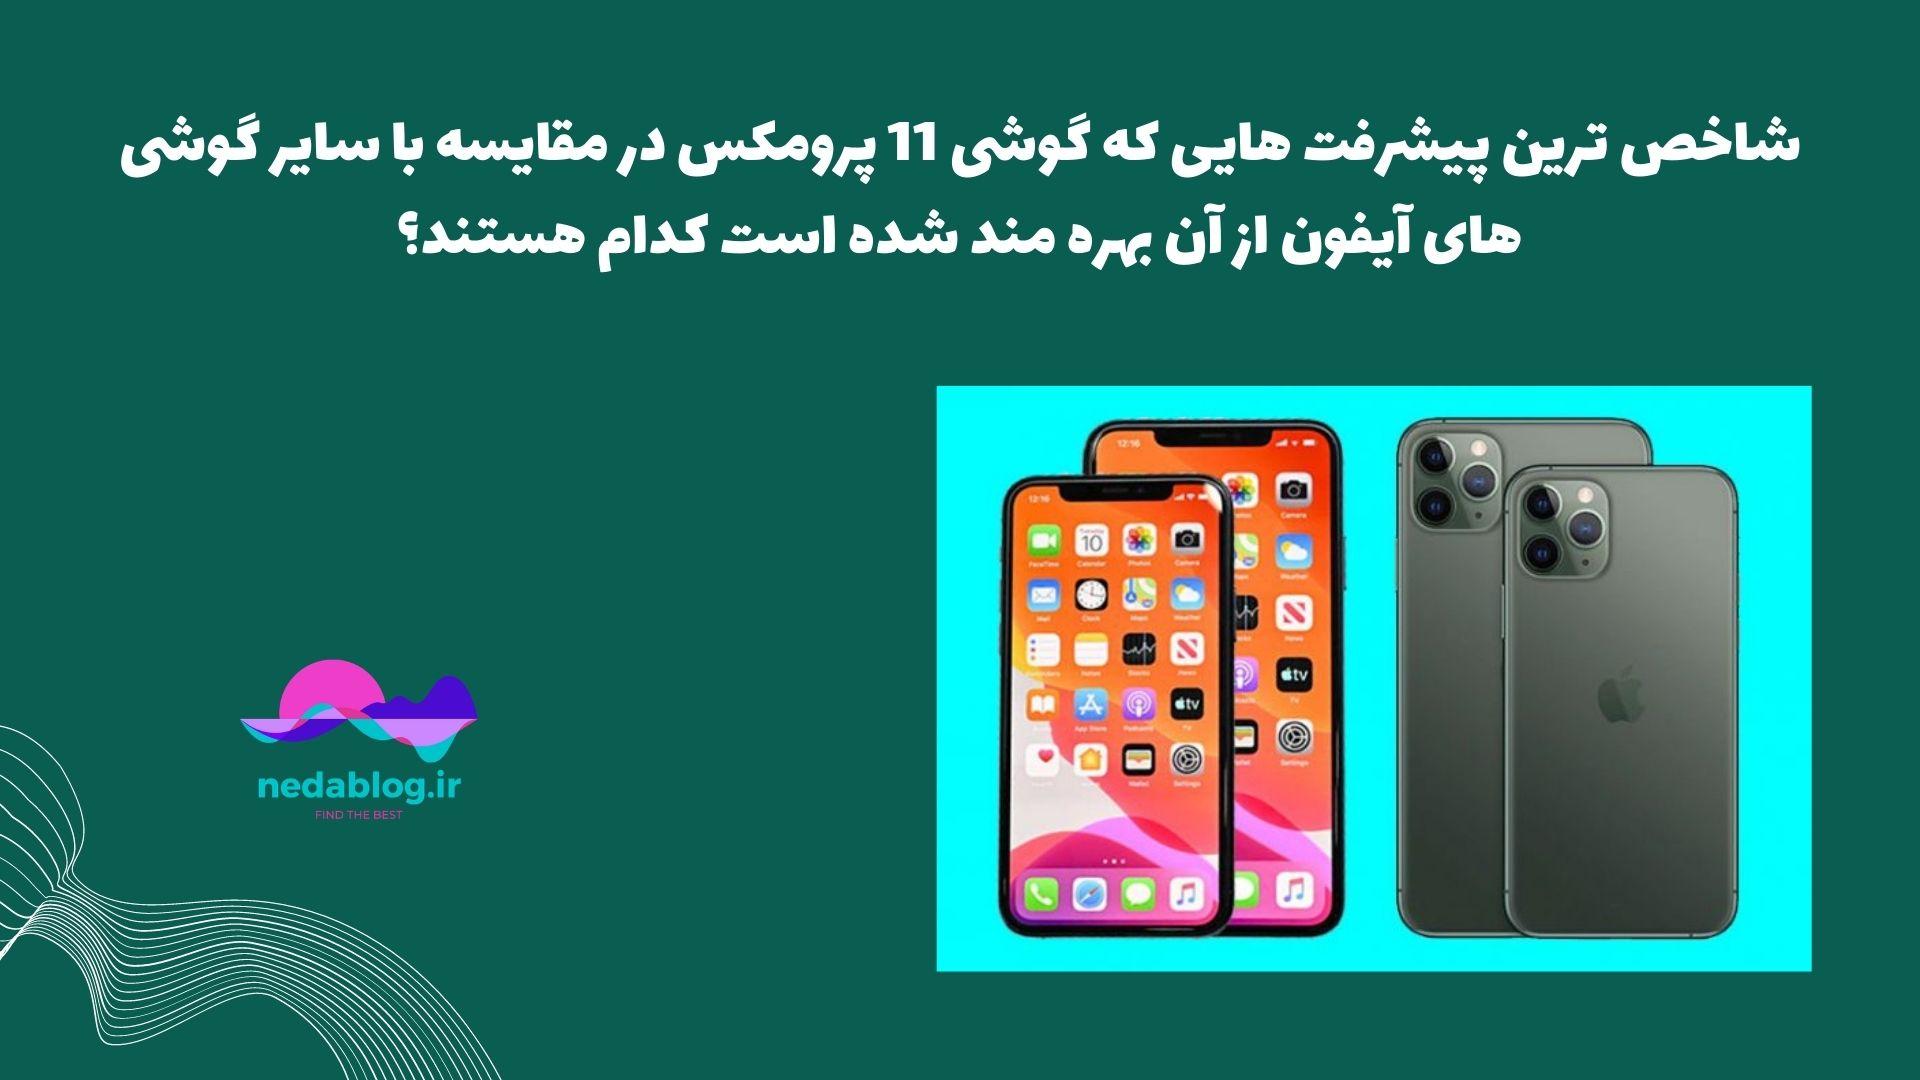 شاخص ترین پیشرفت هایی که گوشی 11 پرومکس در مقایسه با سایر گوشی های آیفون از آن بهره مند شده است کدام هستند؟